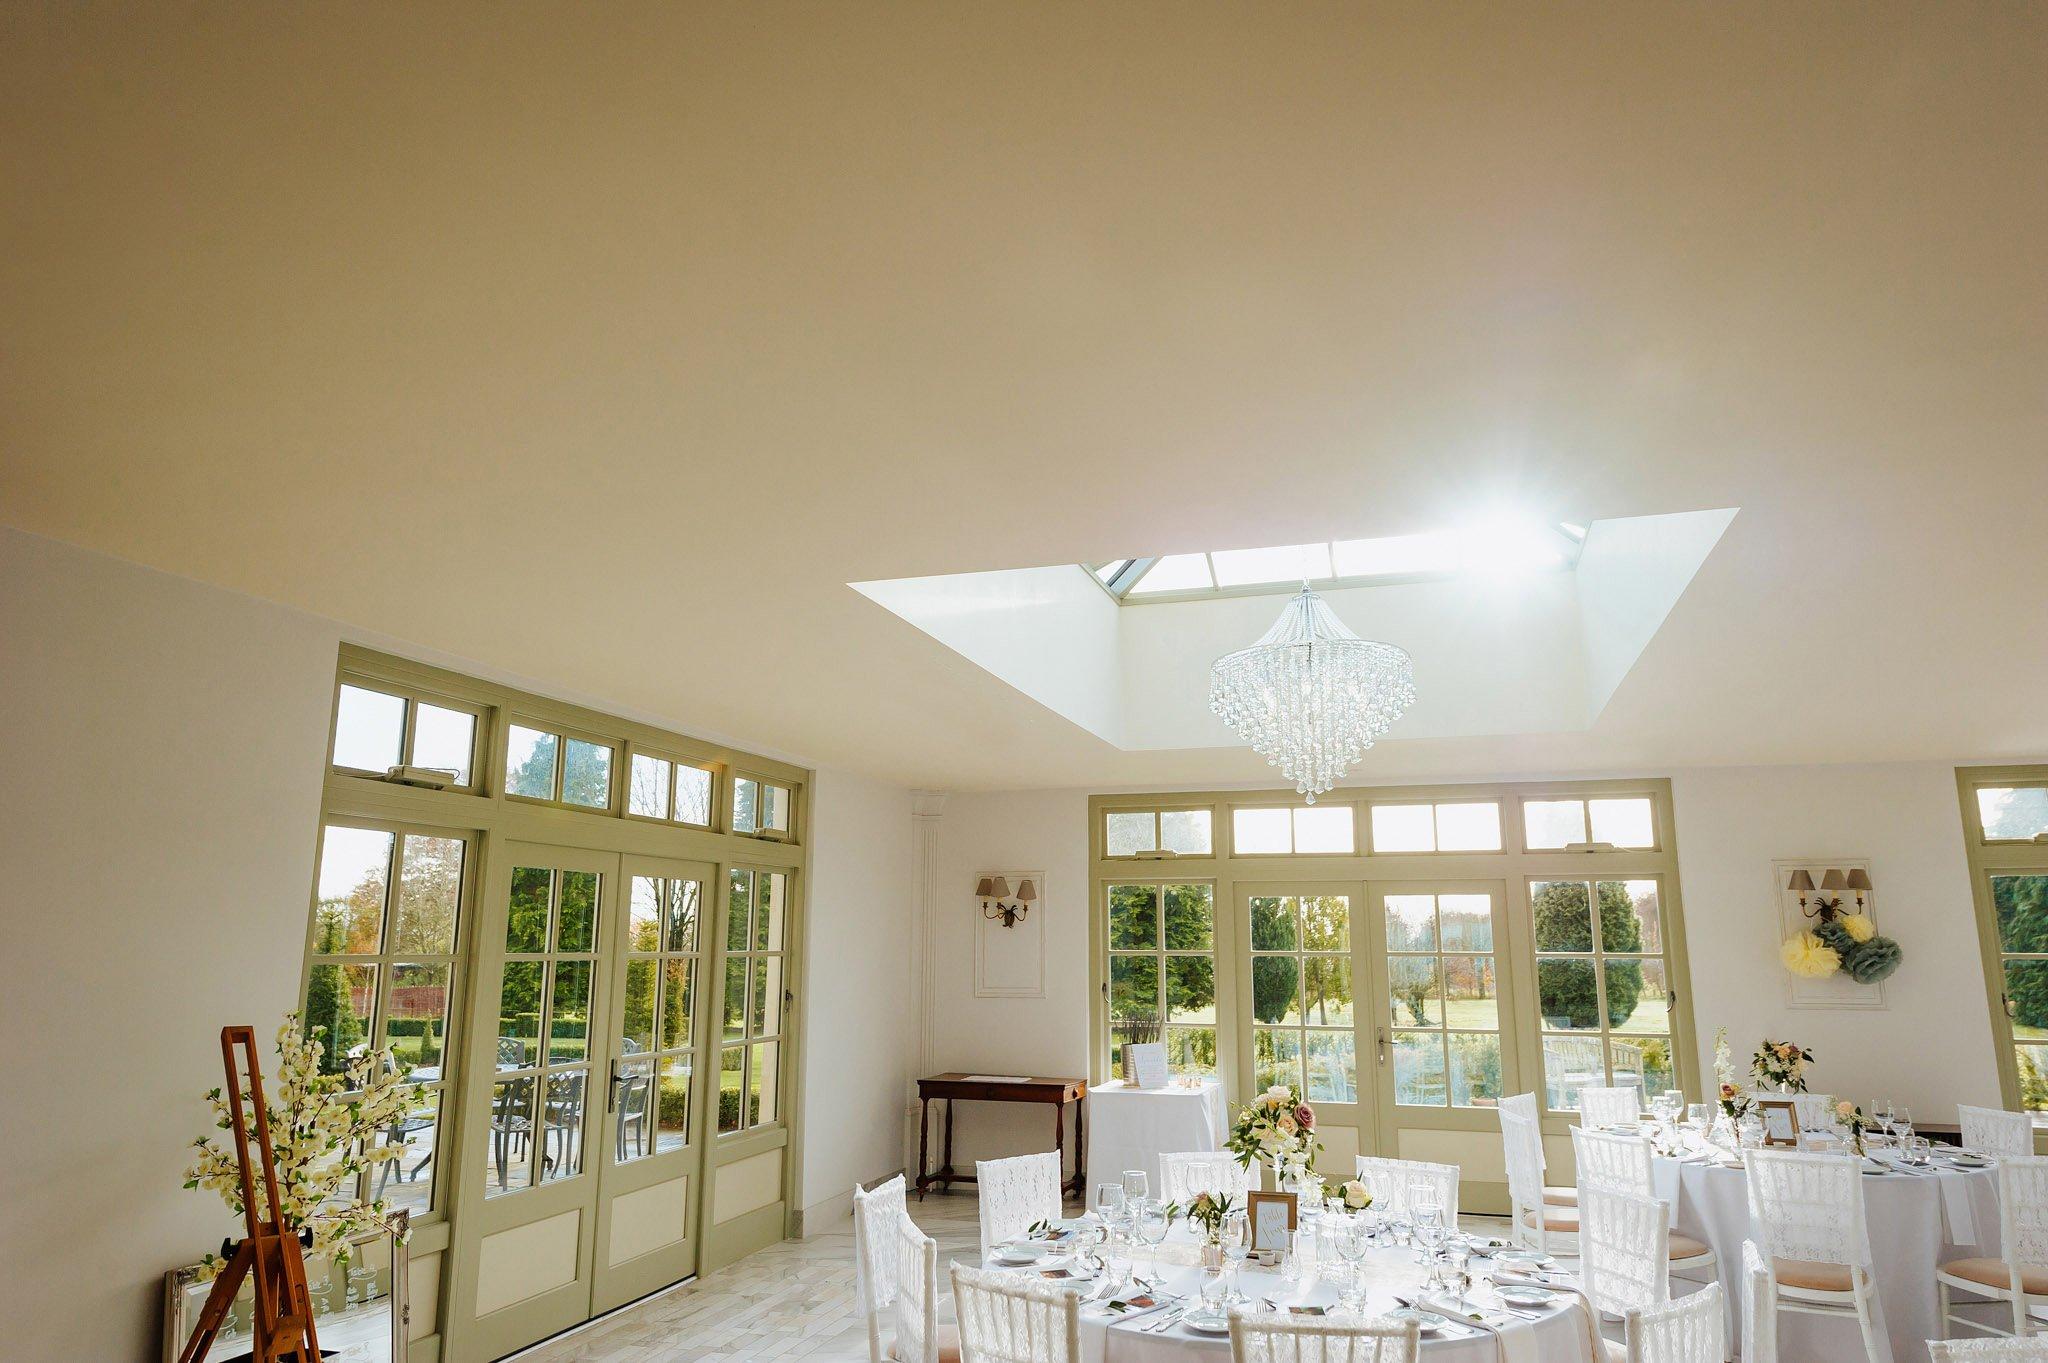 Lemore Manor wedding, Herefordshire - West Midlands | Sadie + Ken 6